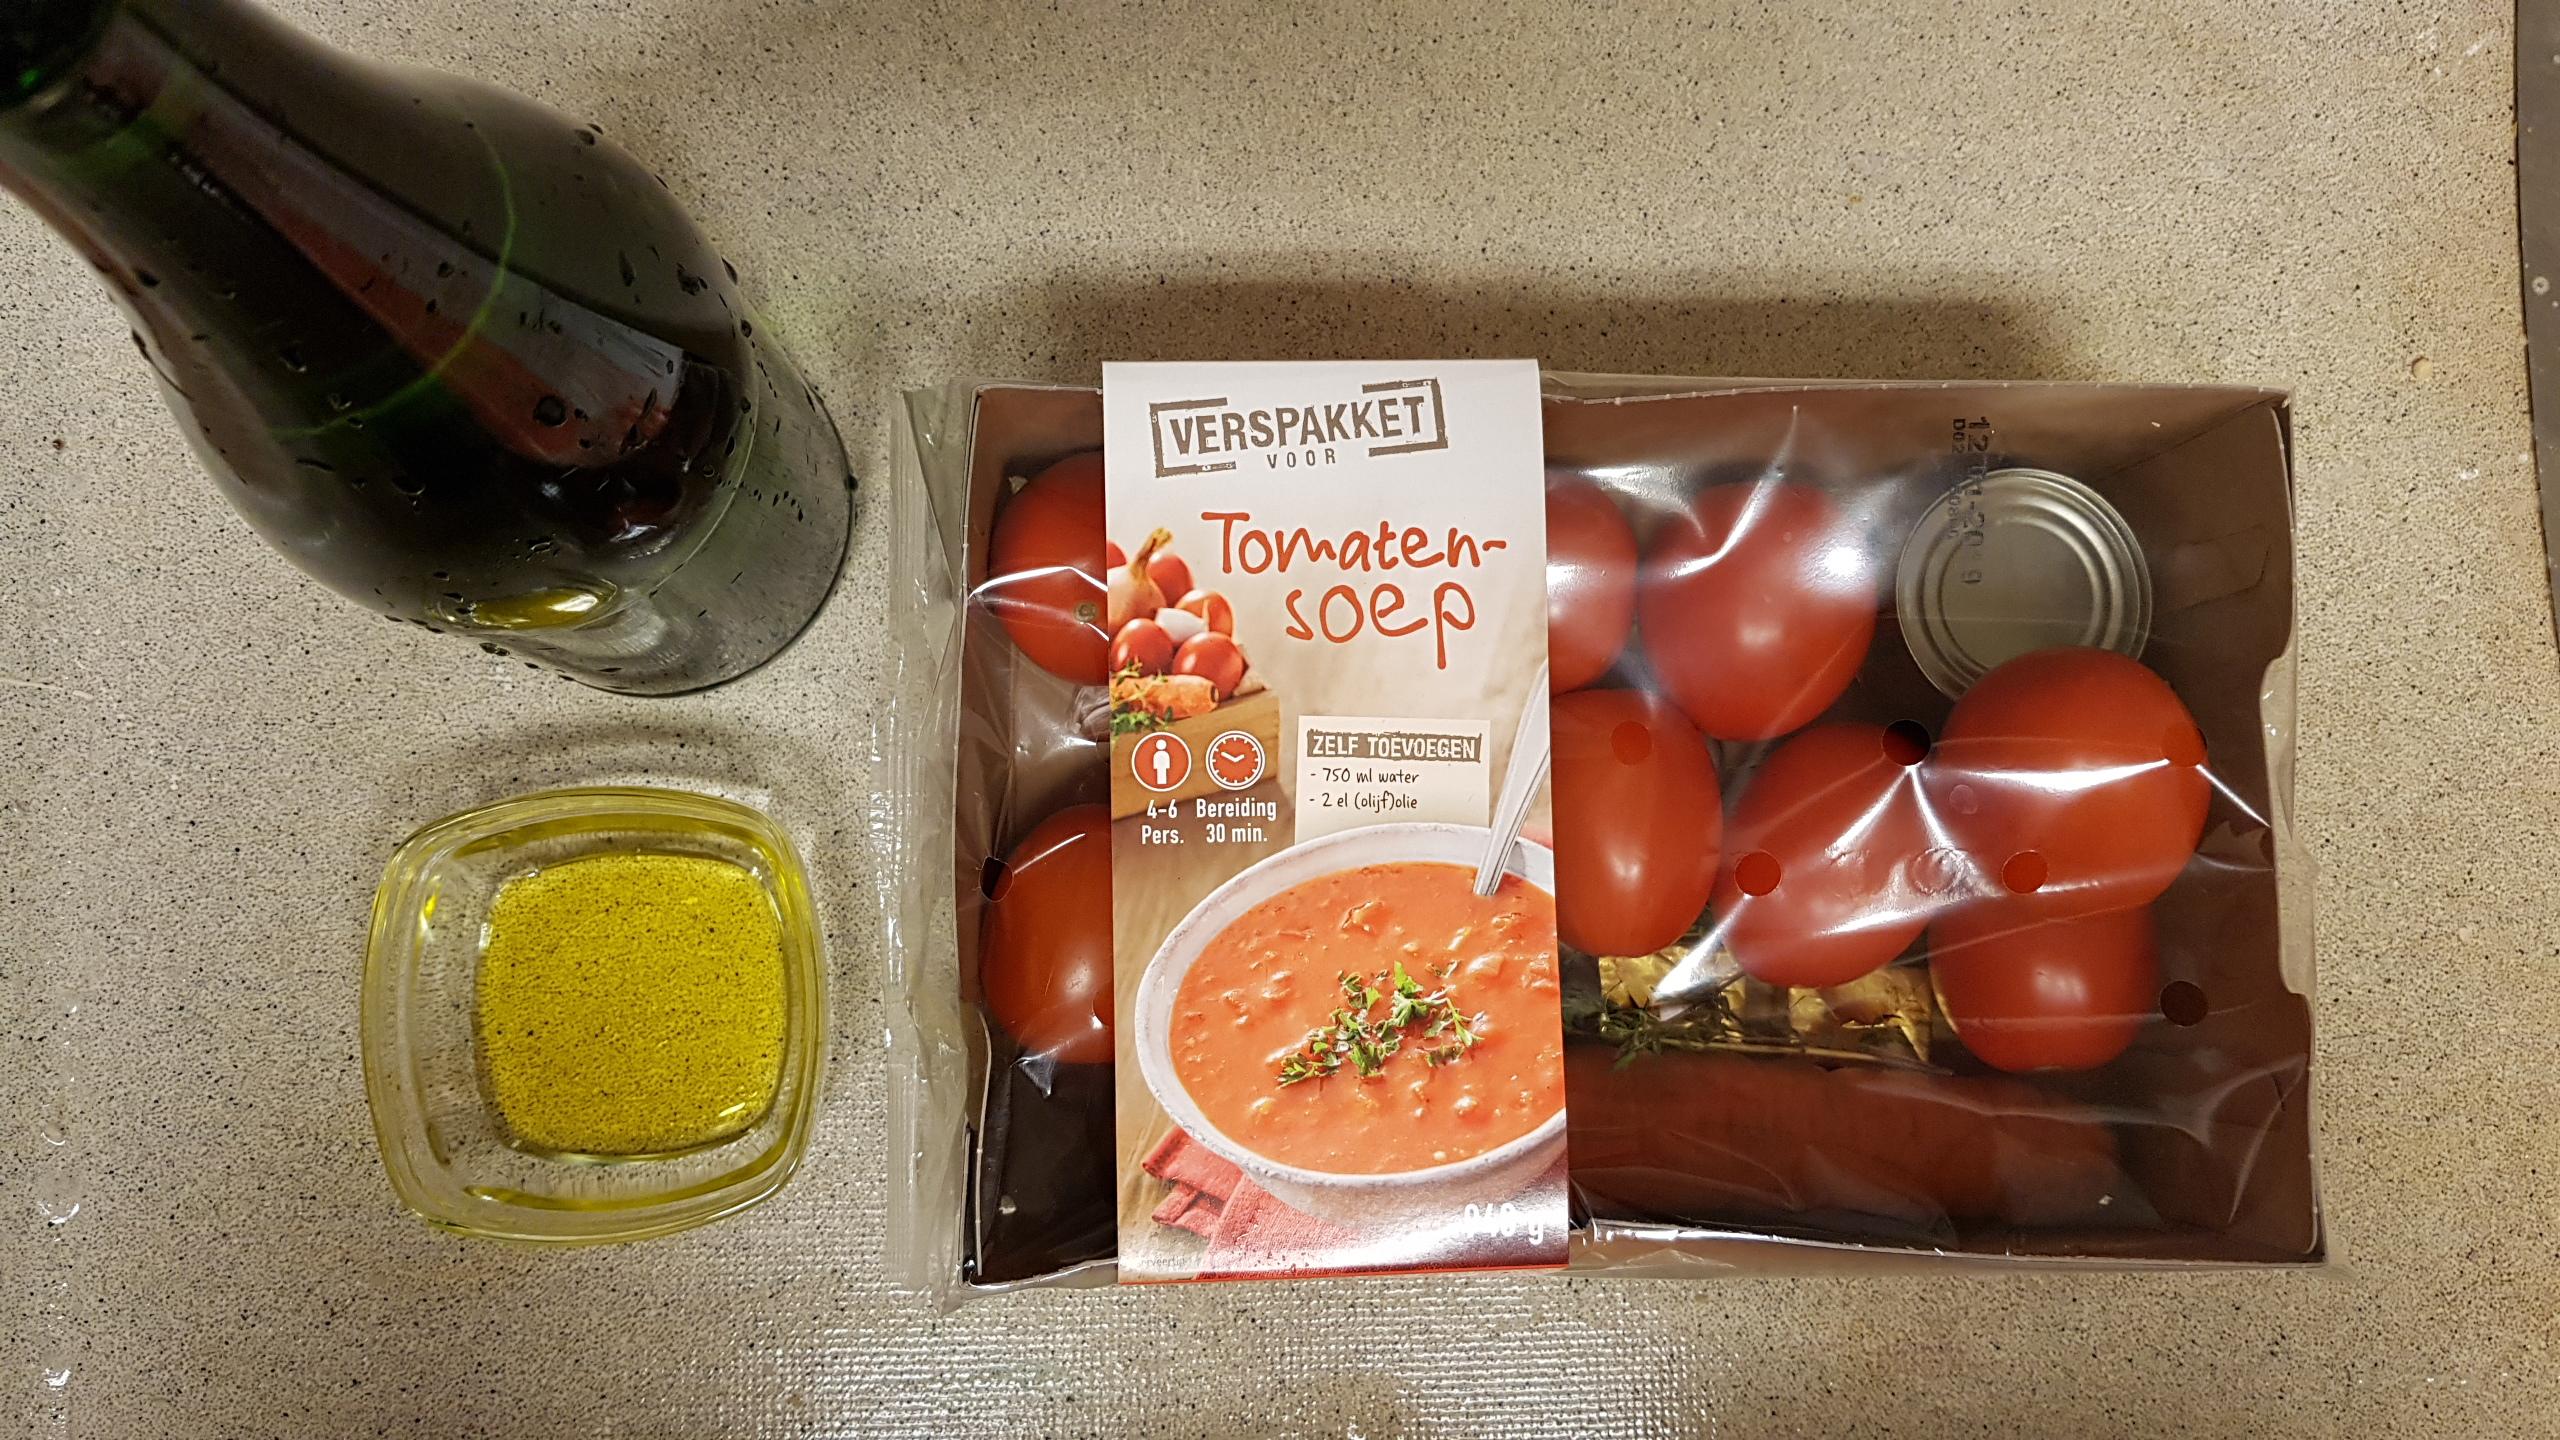 Lidl verspakket voor Tomatensoep